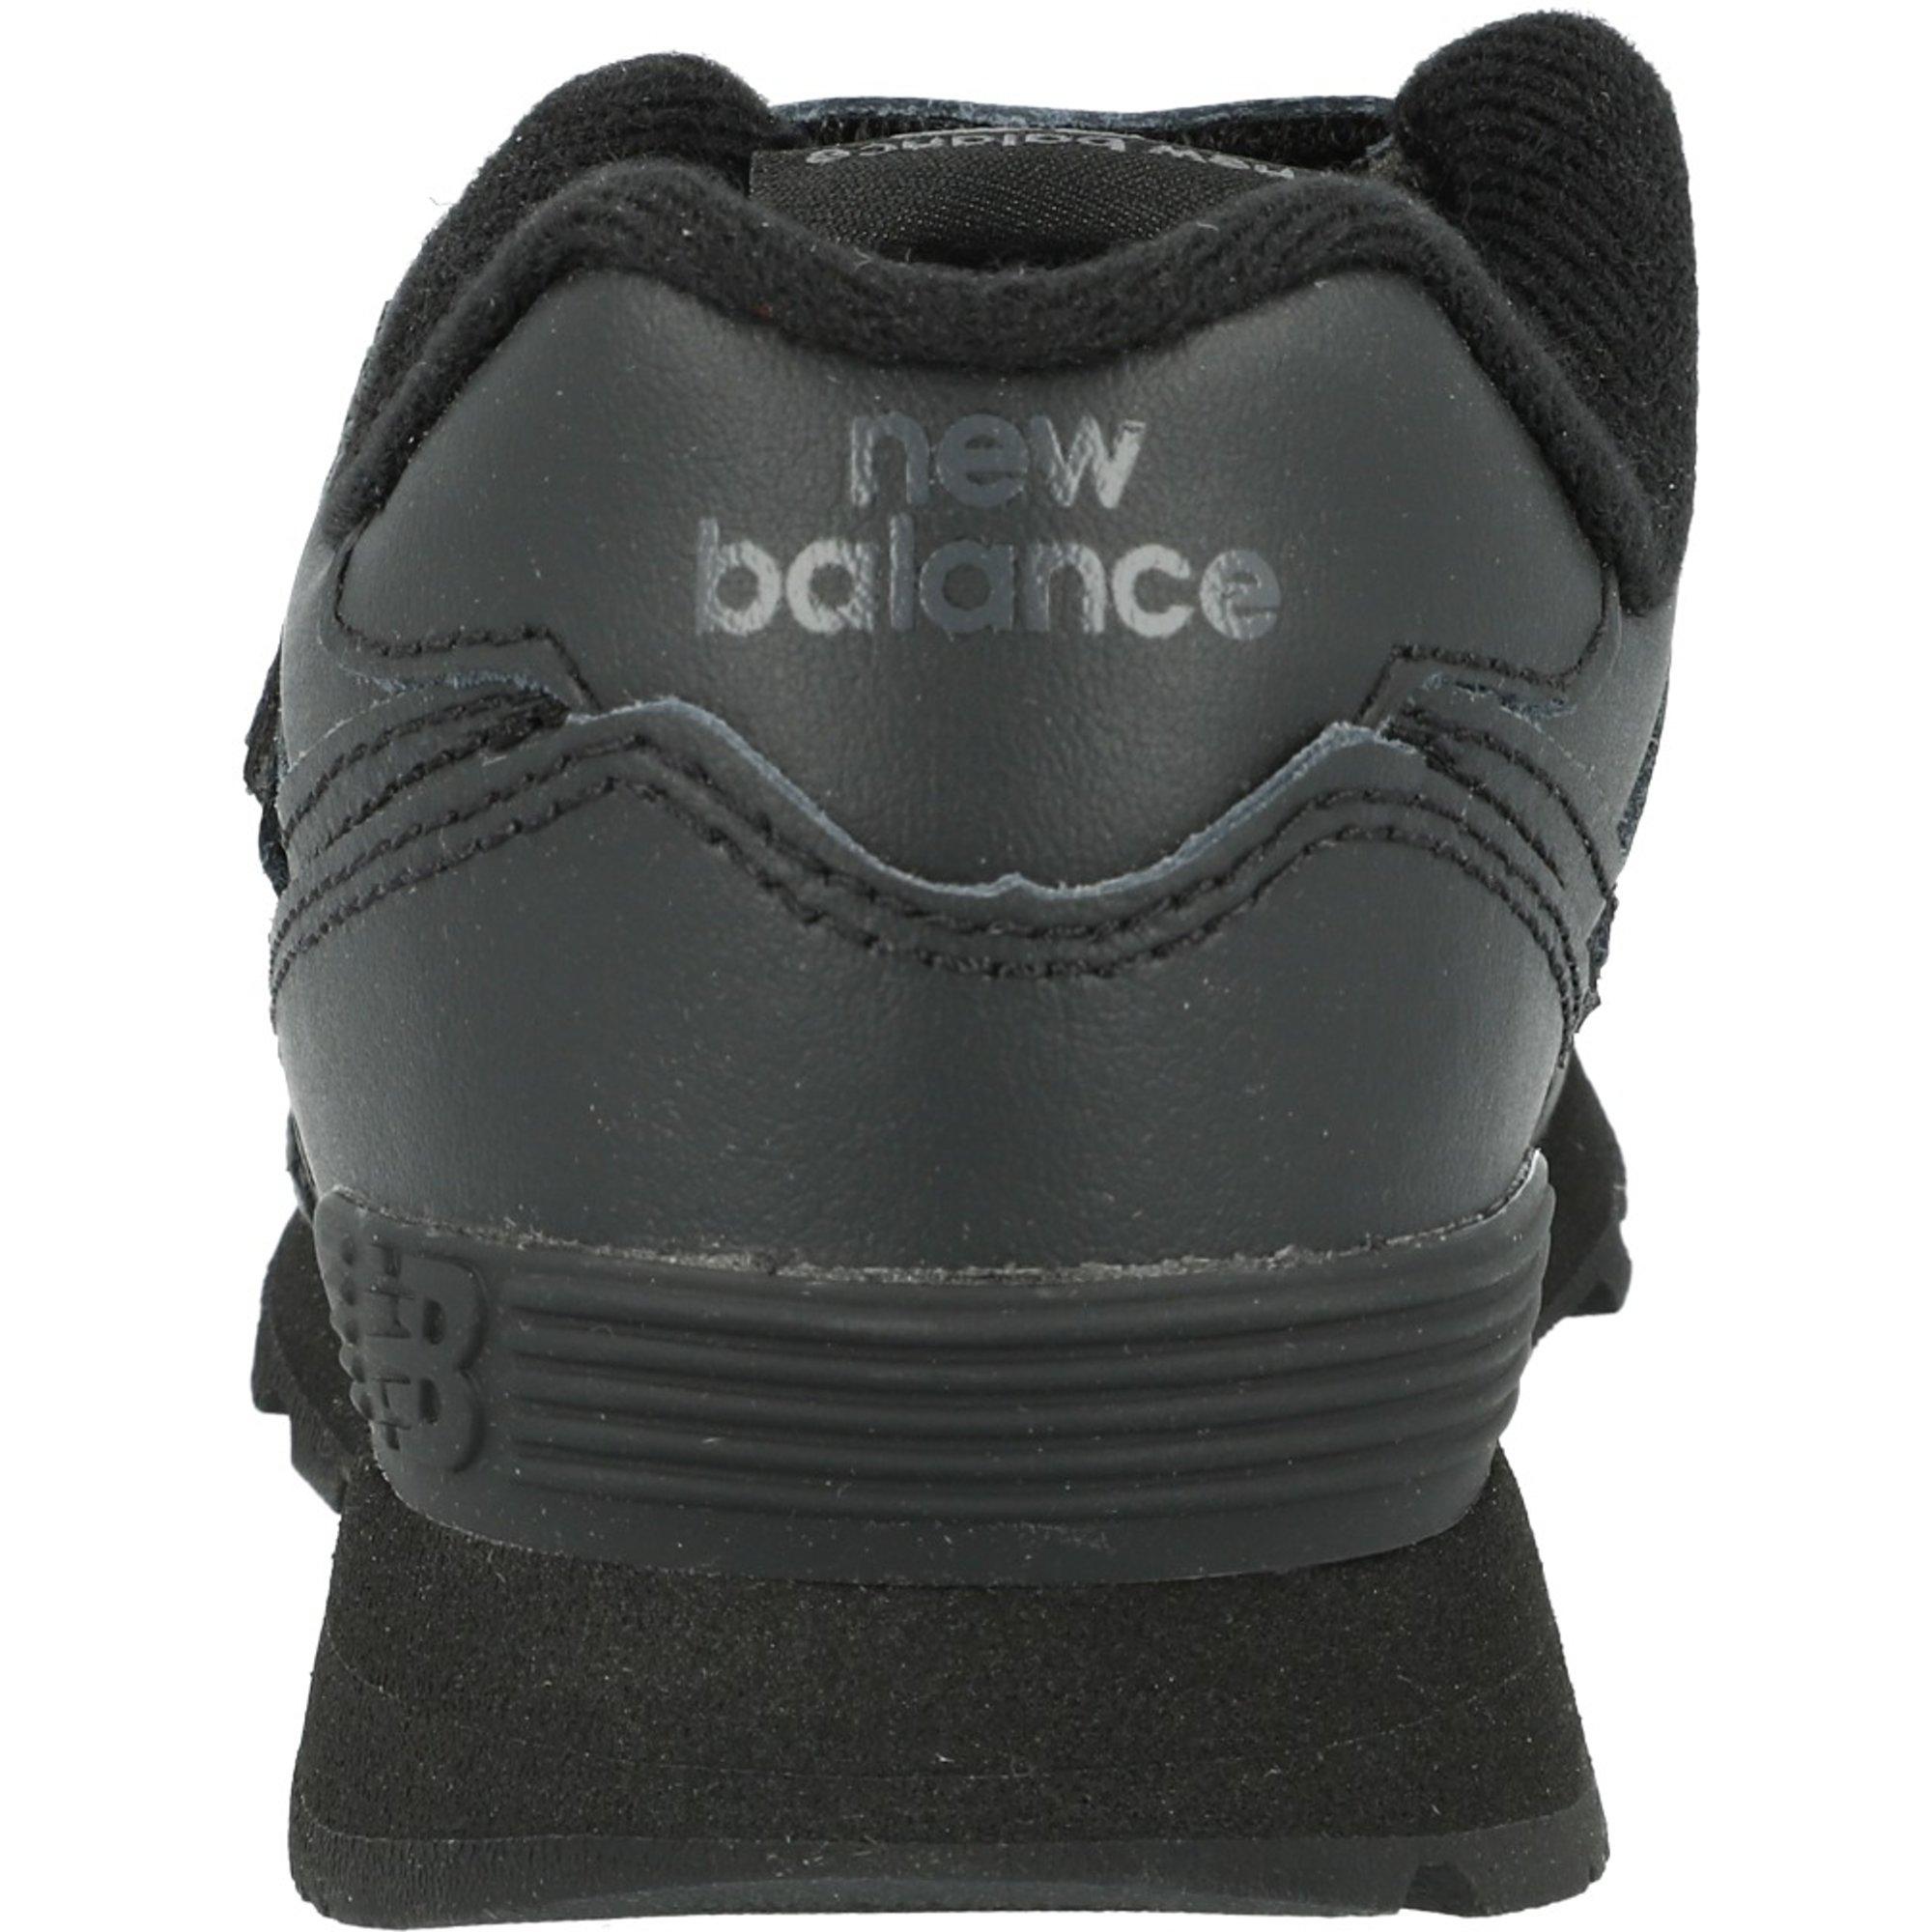 new balance 574 donna glitter